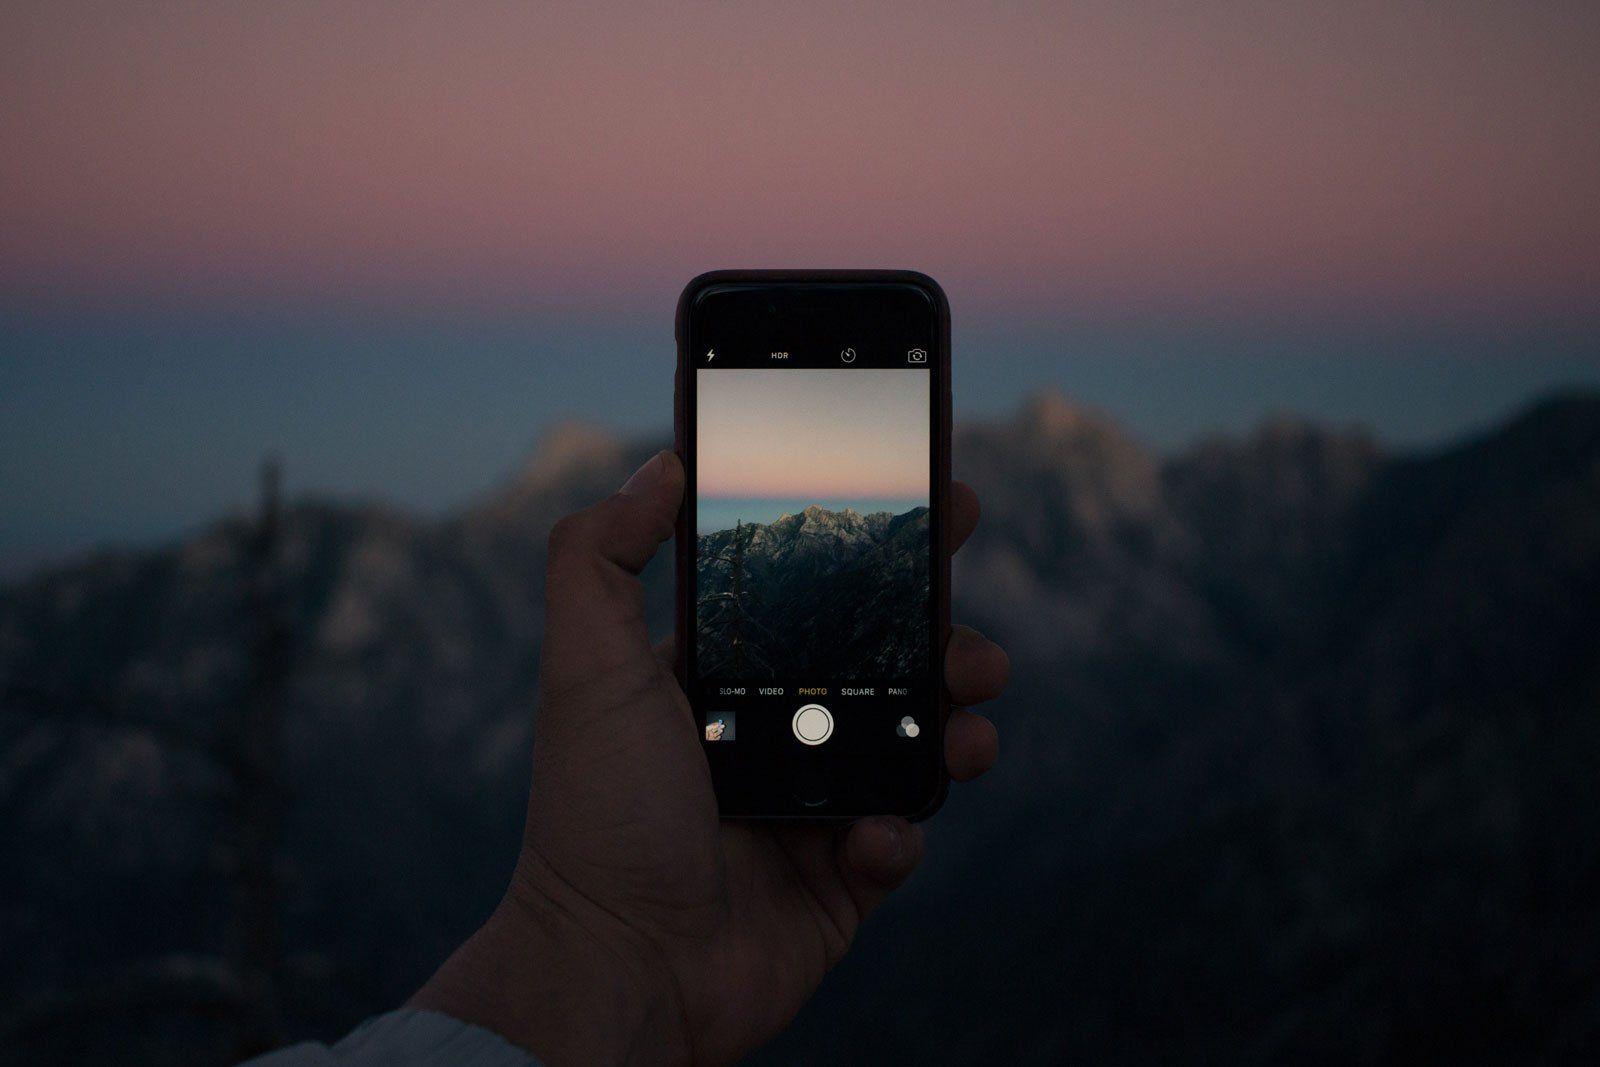 Resultado de imagen para taking photo with iphone